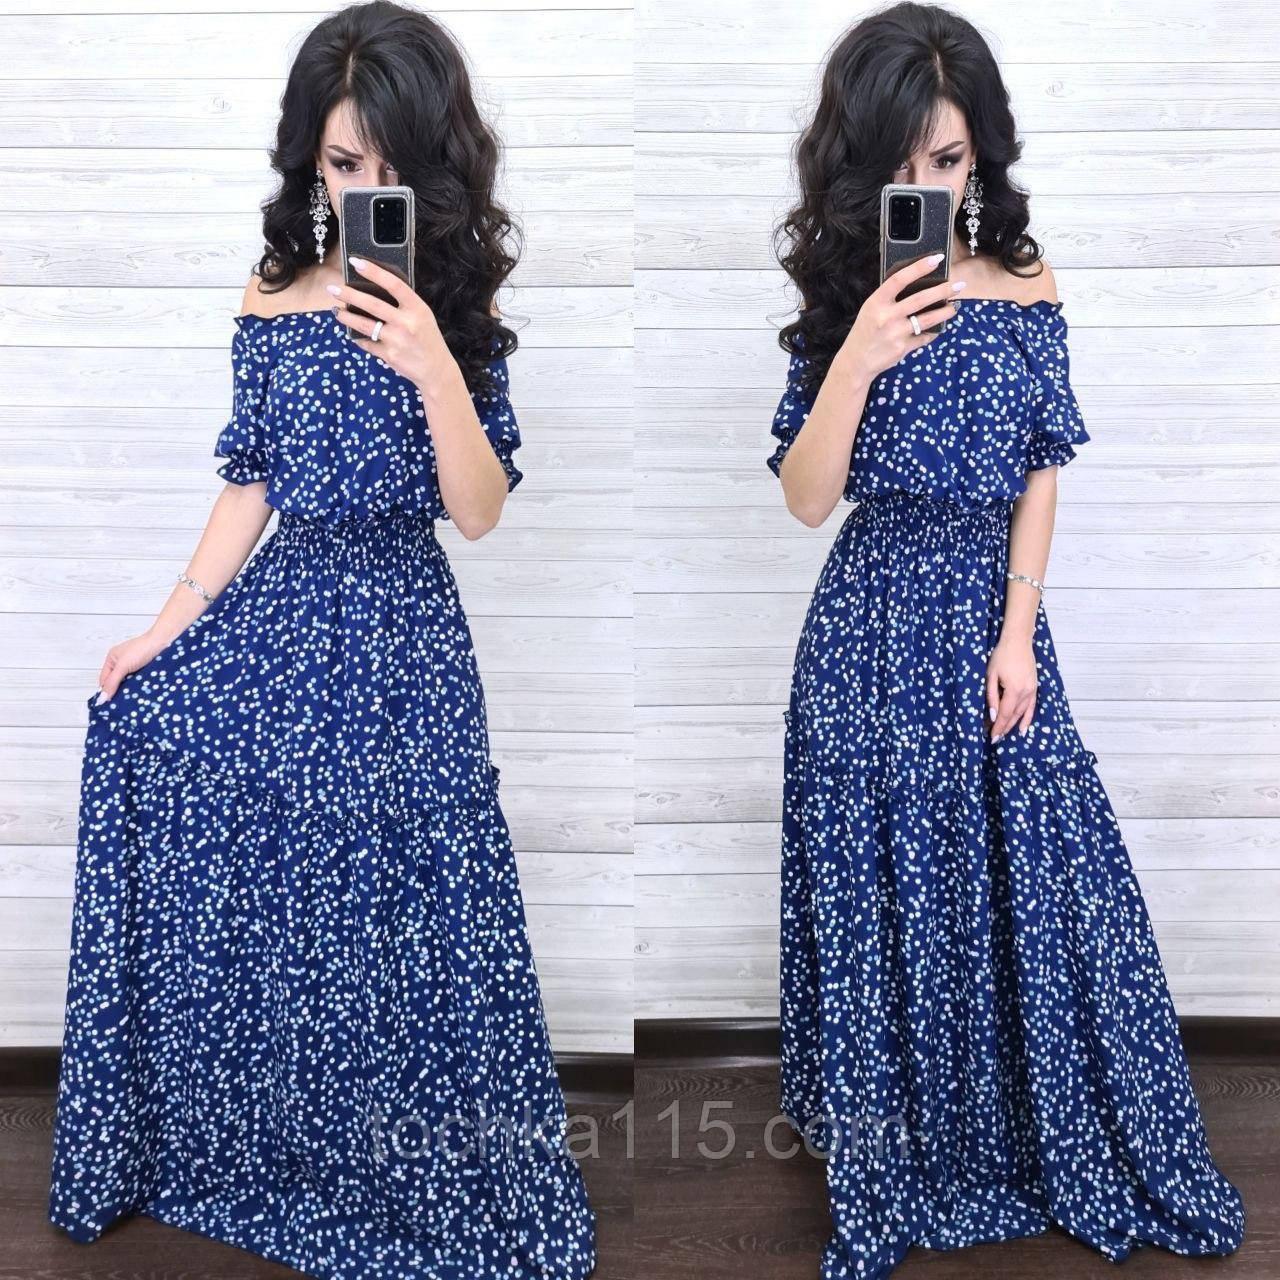 Женственное стильное платье, ткань софт, 42-44, 46-48, 50-52 рр, цвет темно-синий